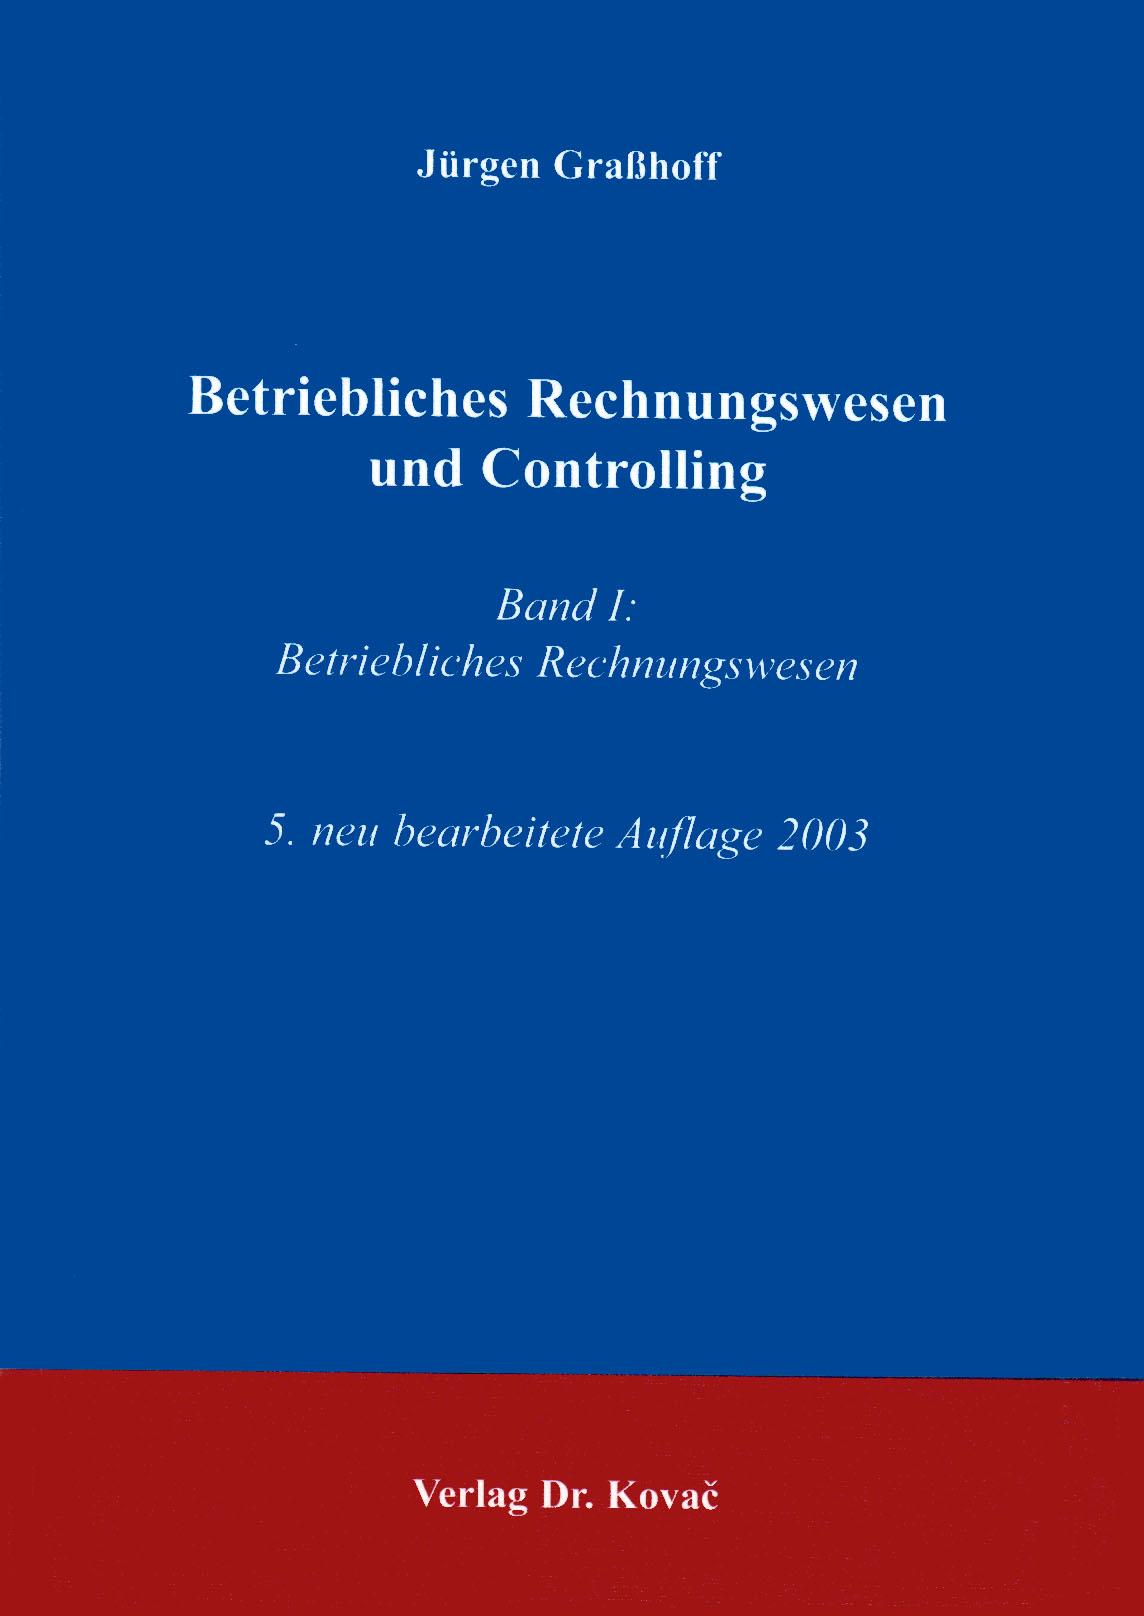 Cover: Betriebliches Rechnungswesen und Controlling, Band 1